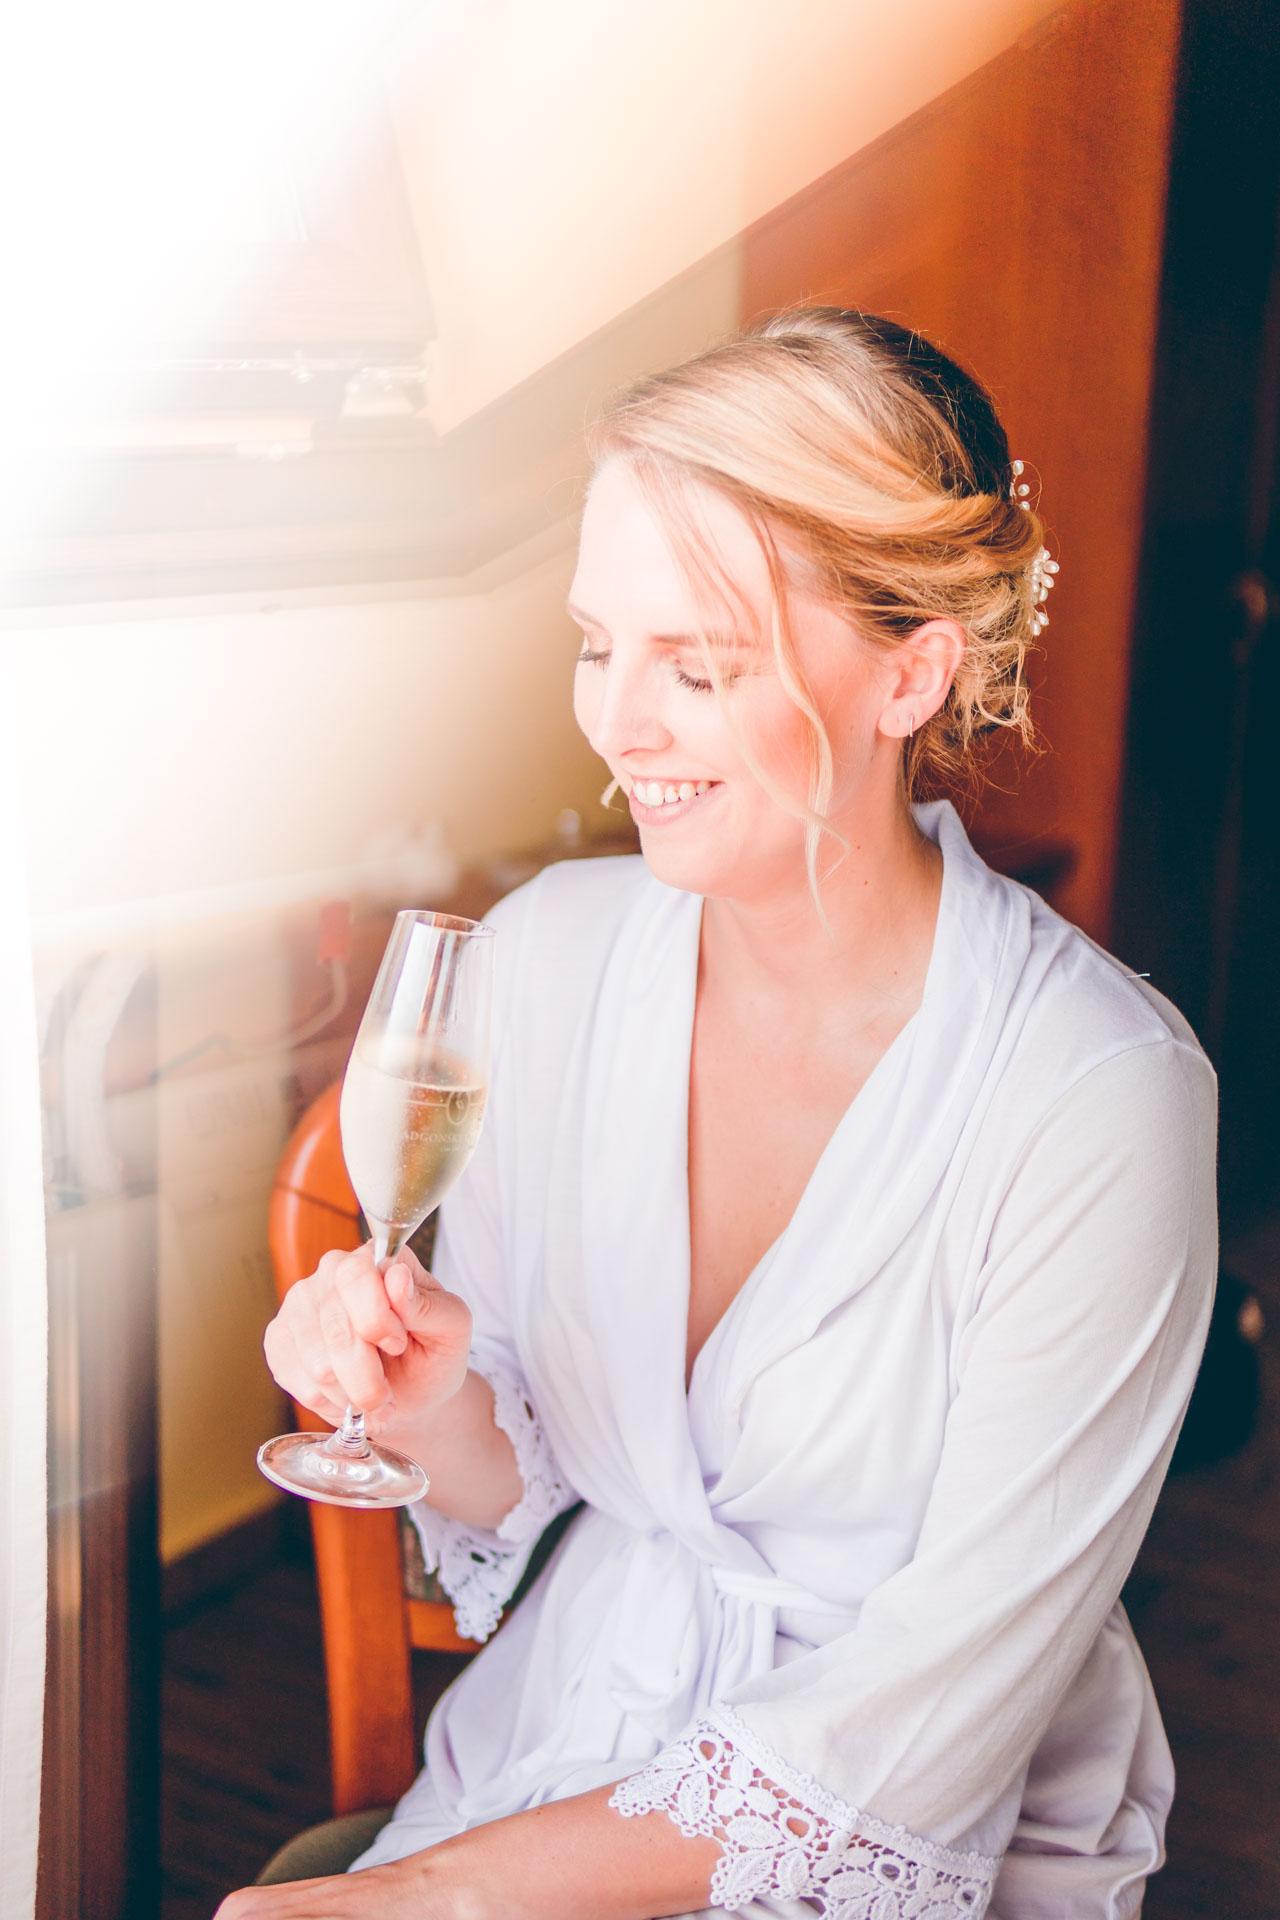 Die Braut trinkt Sekt beim Getting Ready